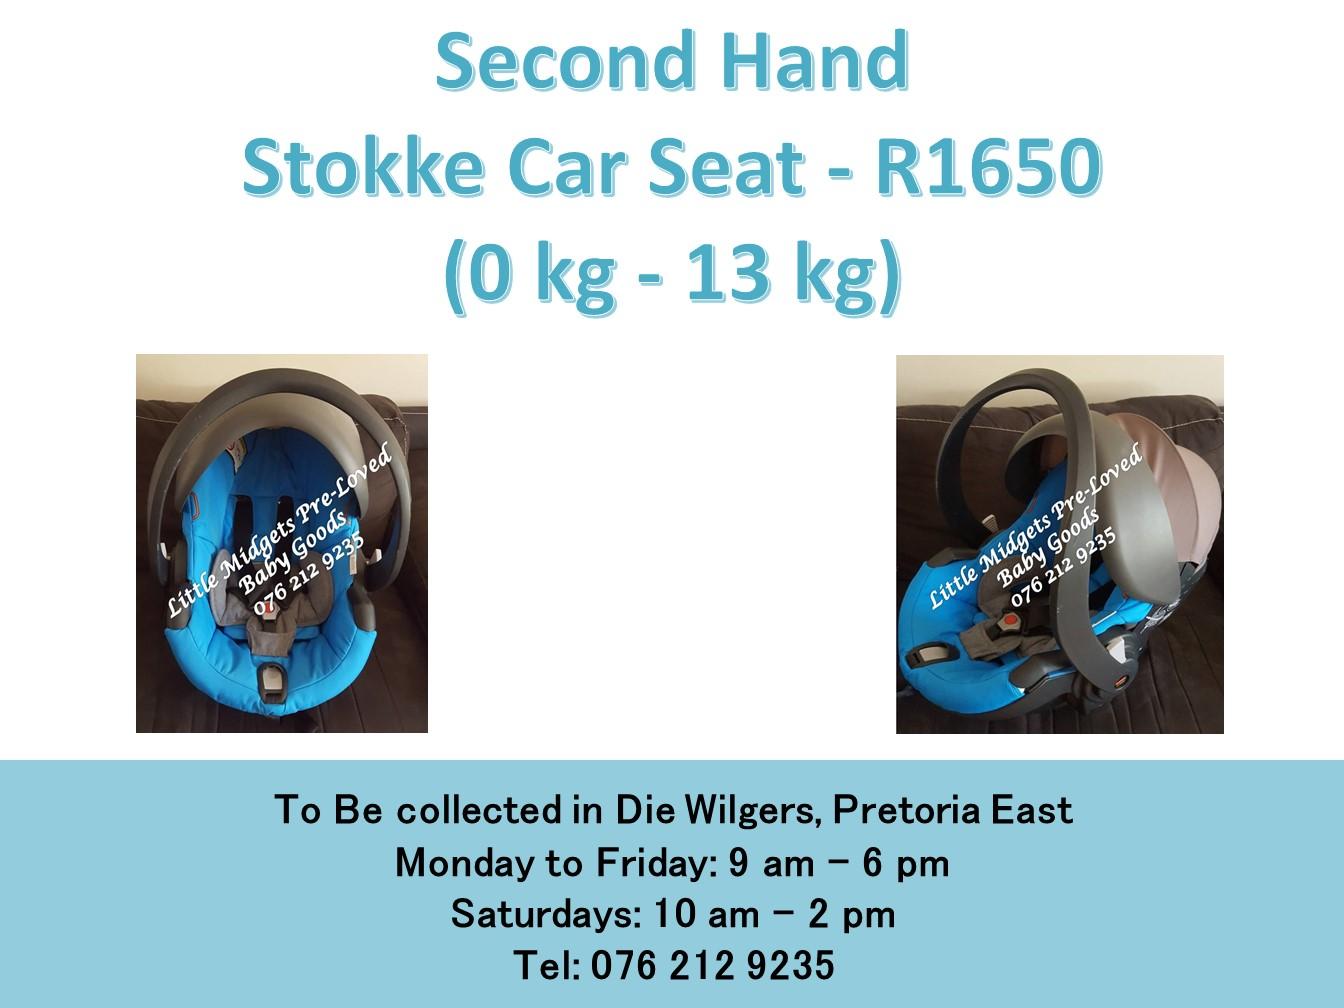 Second Hand Stokke Car Seat 0 Kg 13 Kg Junk Mail